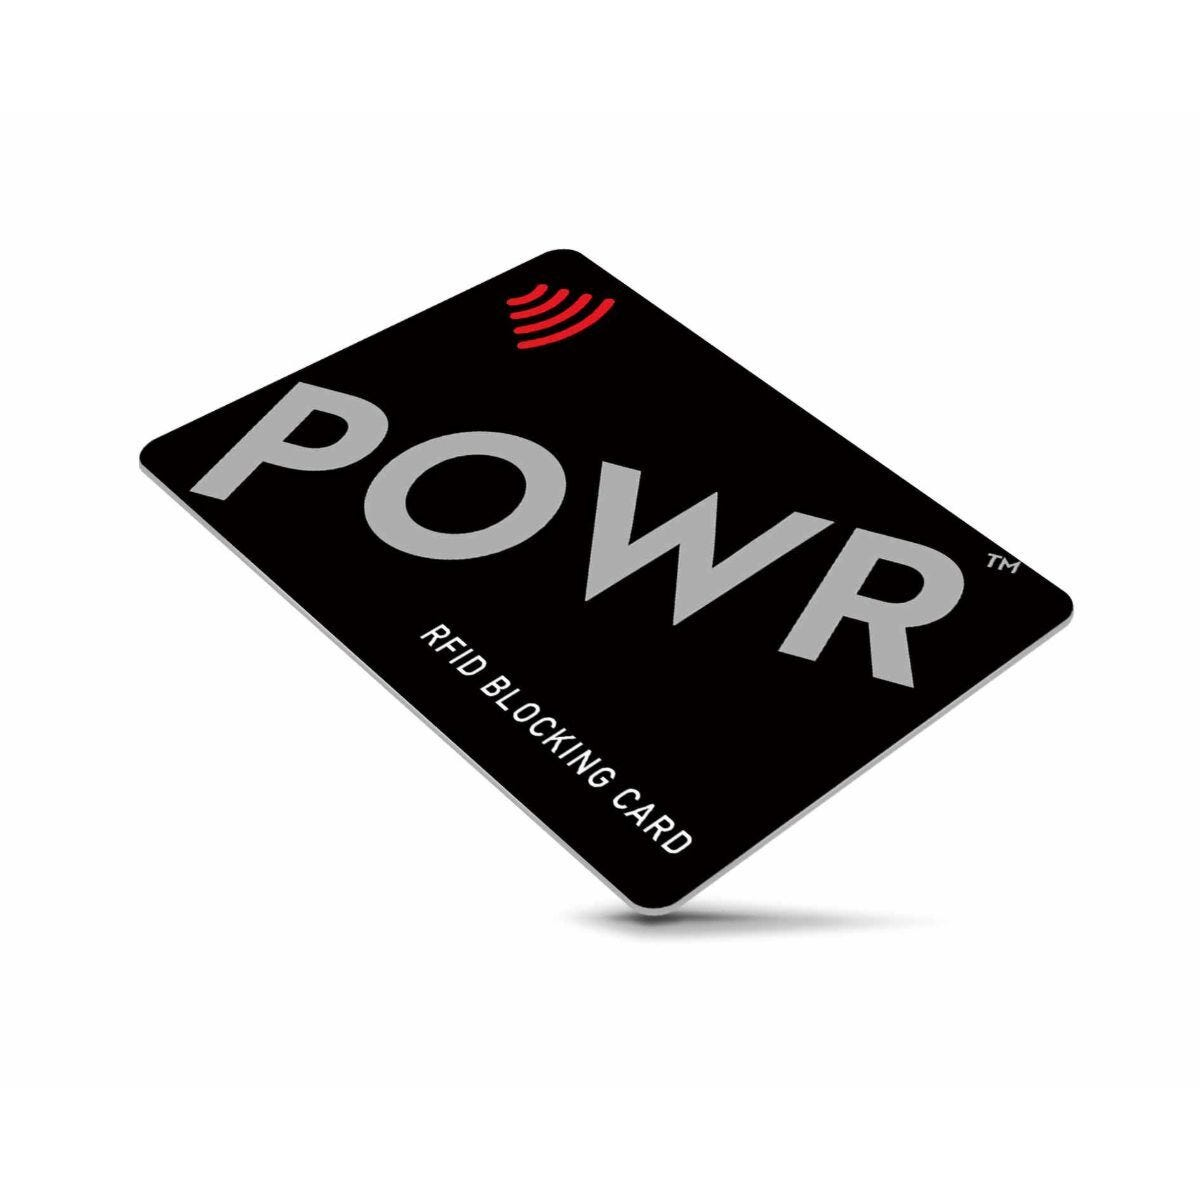 POWR RFID Signal Blocking Card